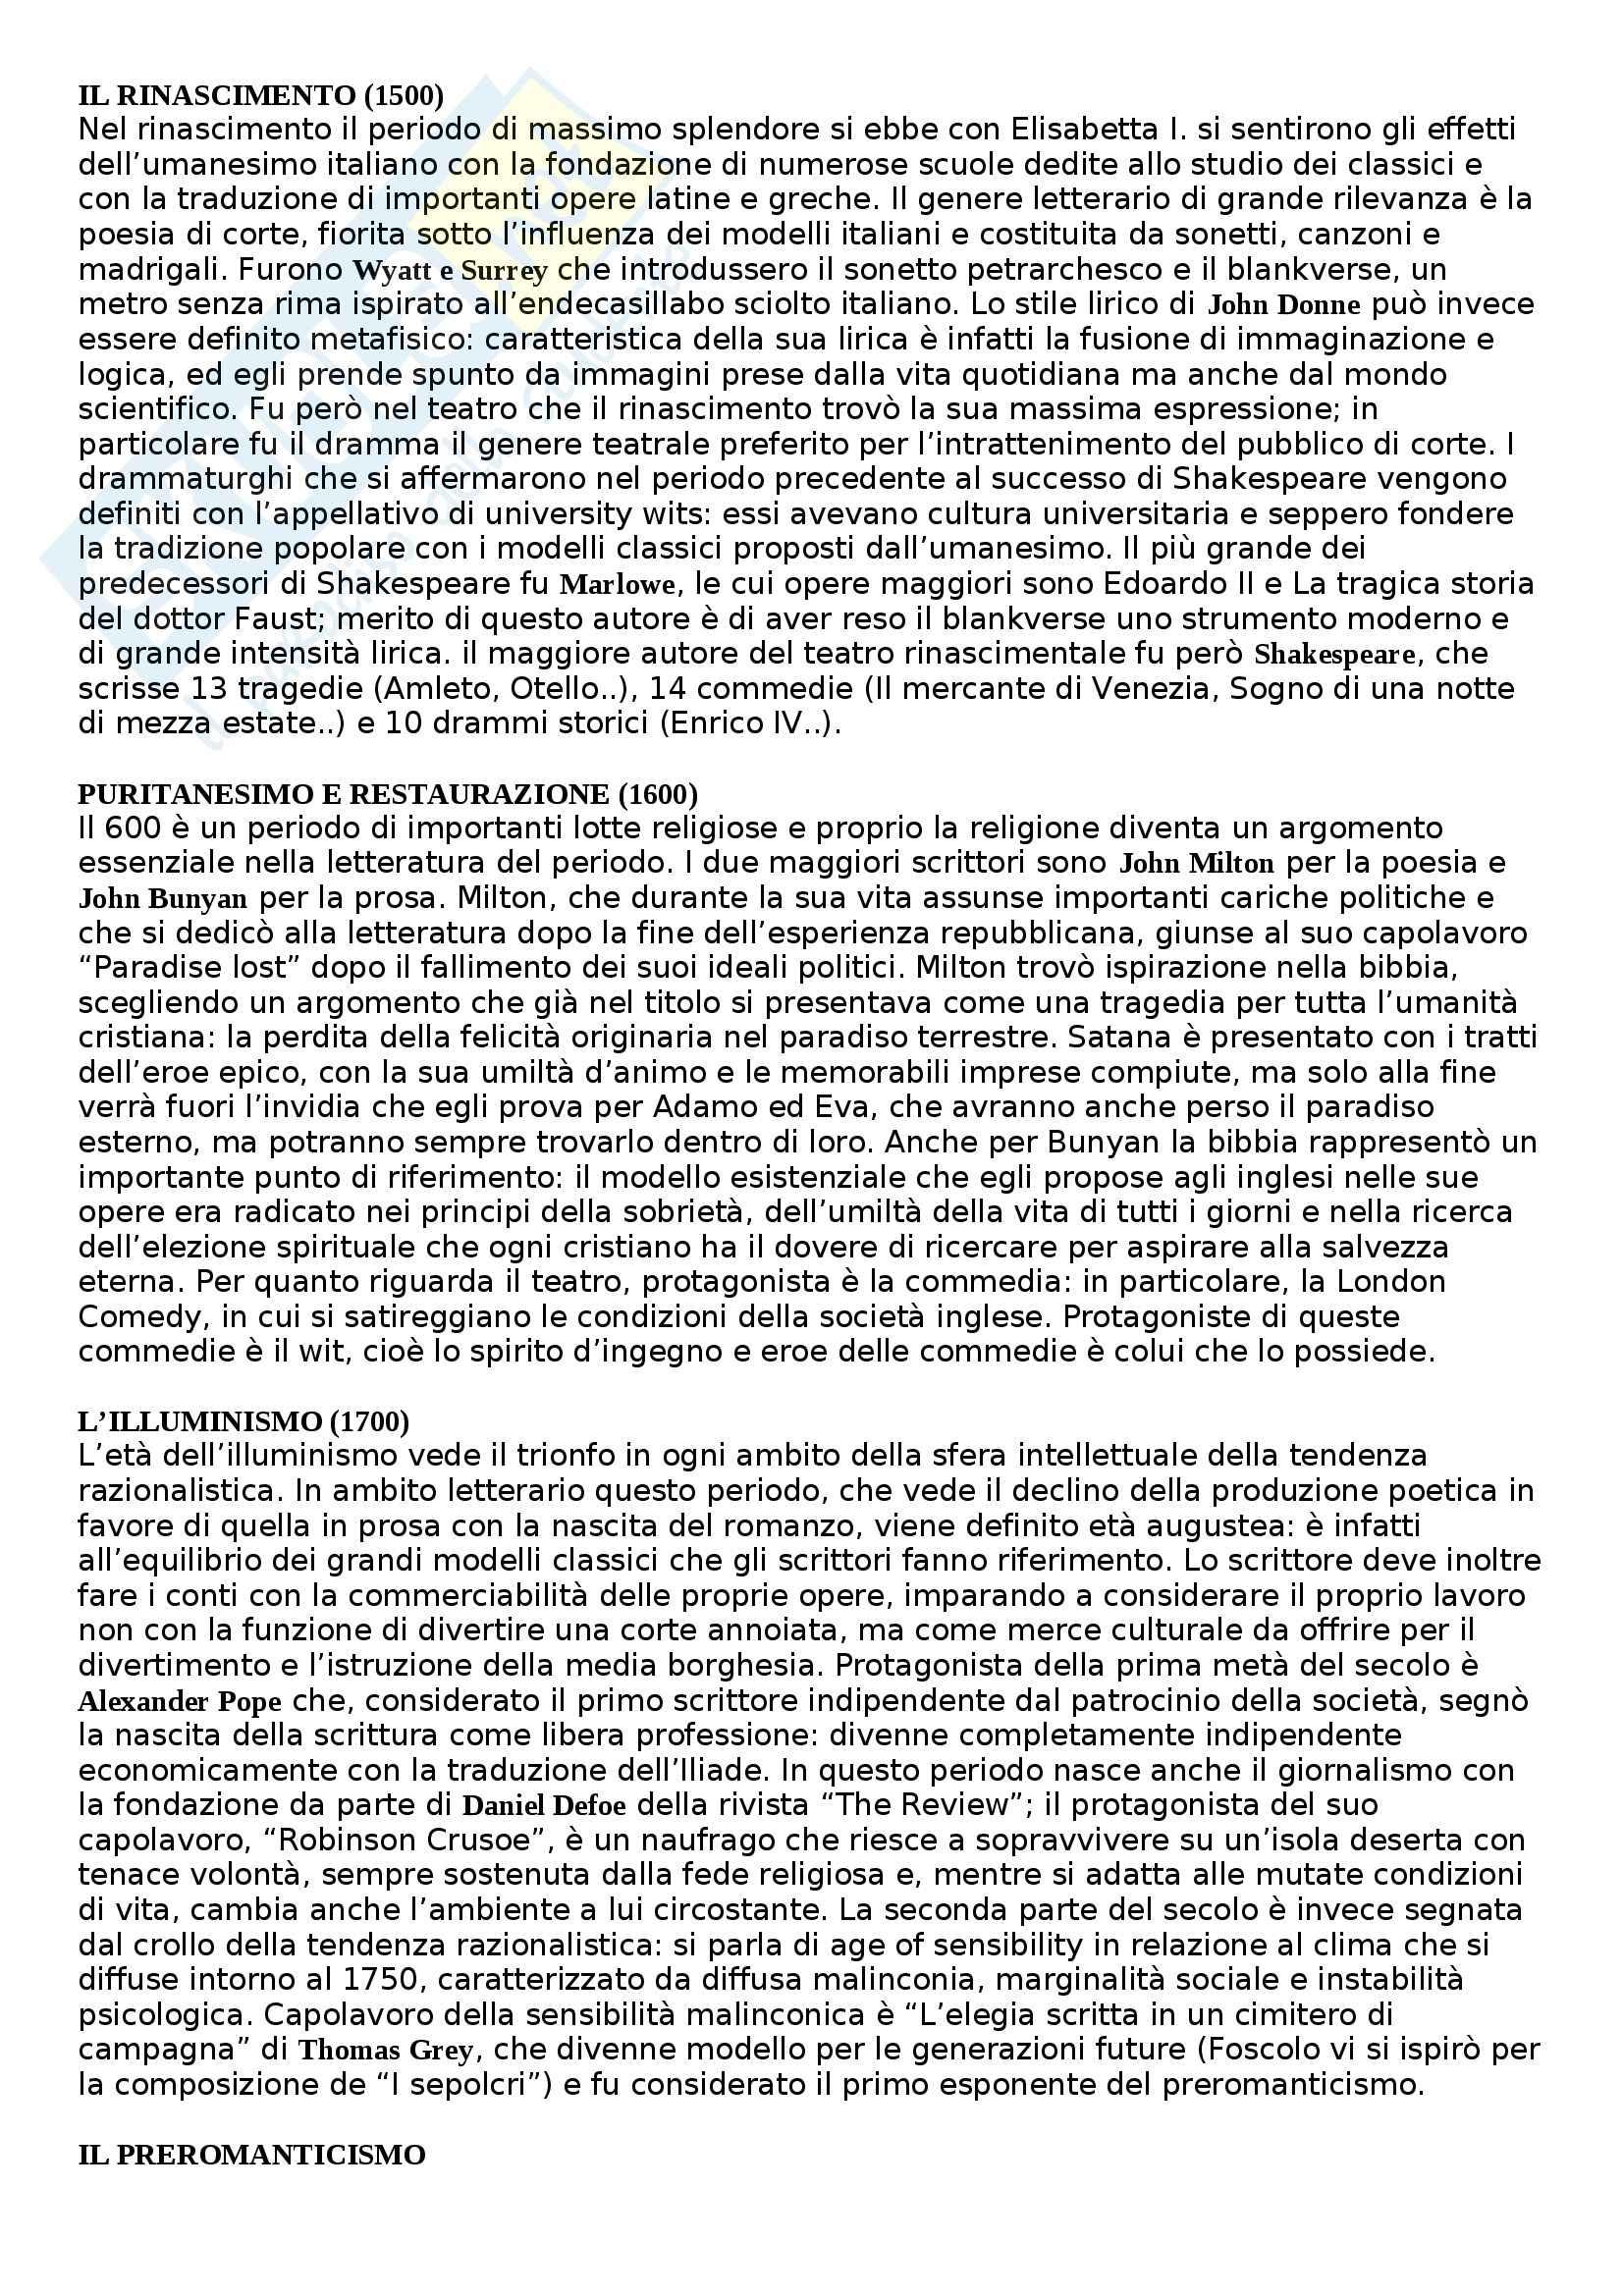 Riassunto esame Letteratura inglese, prof. Martino